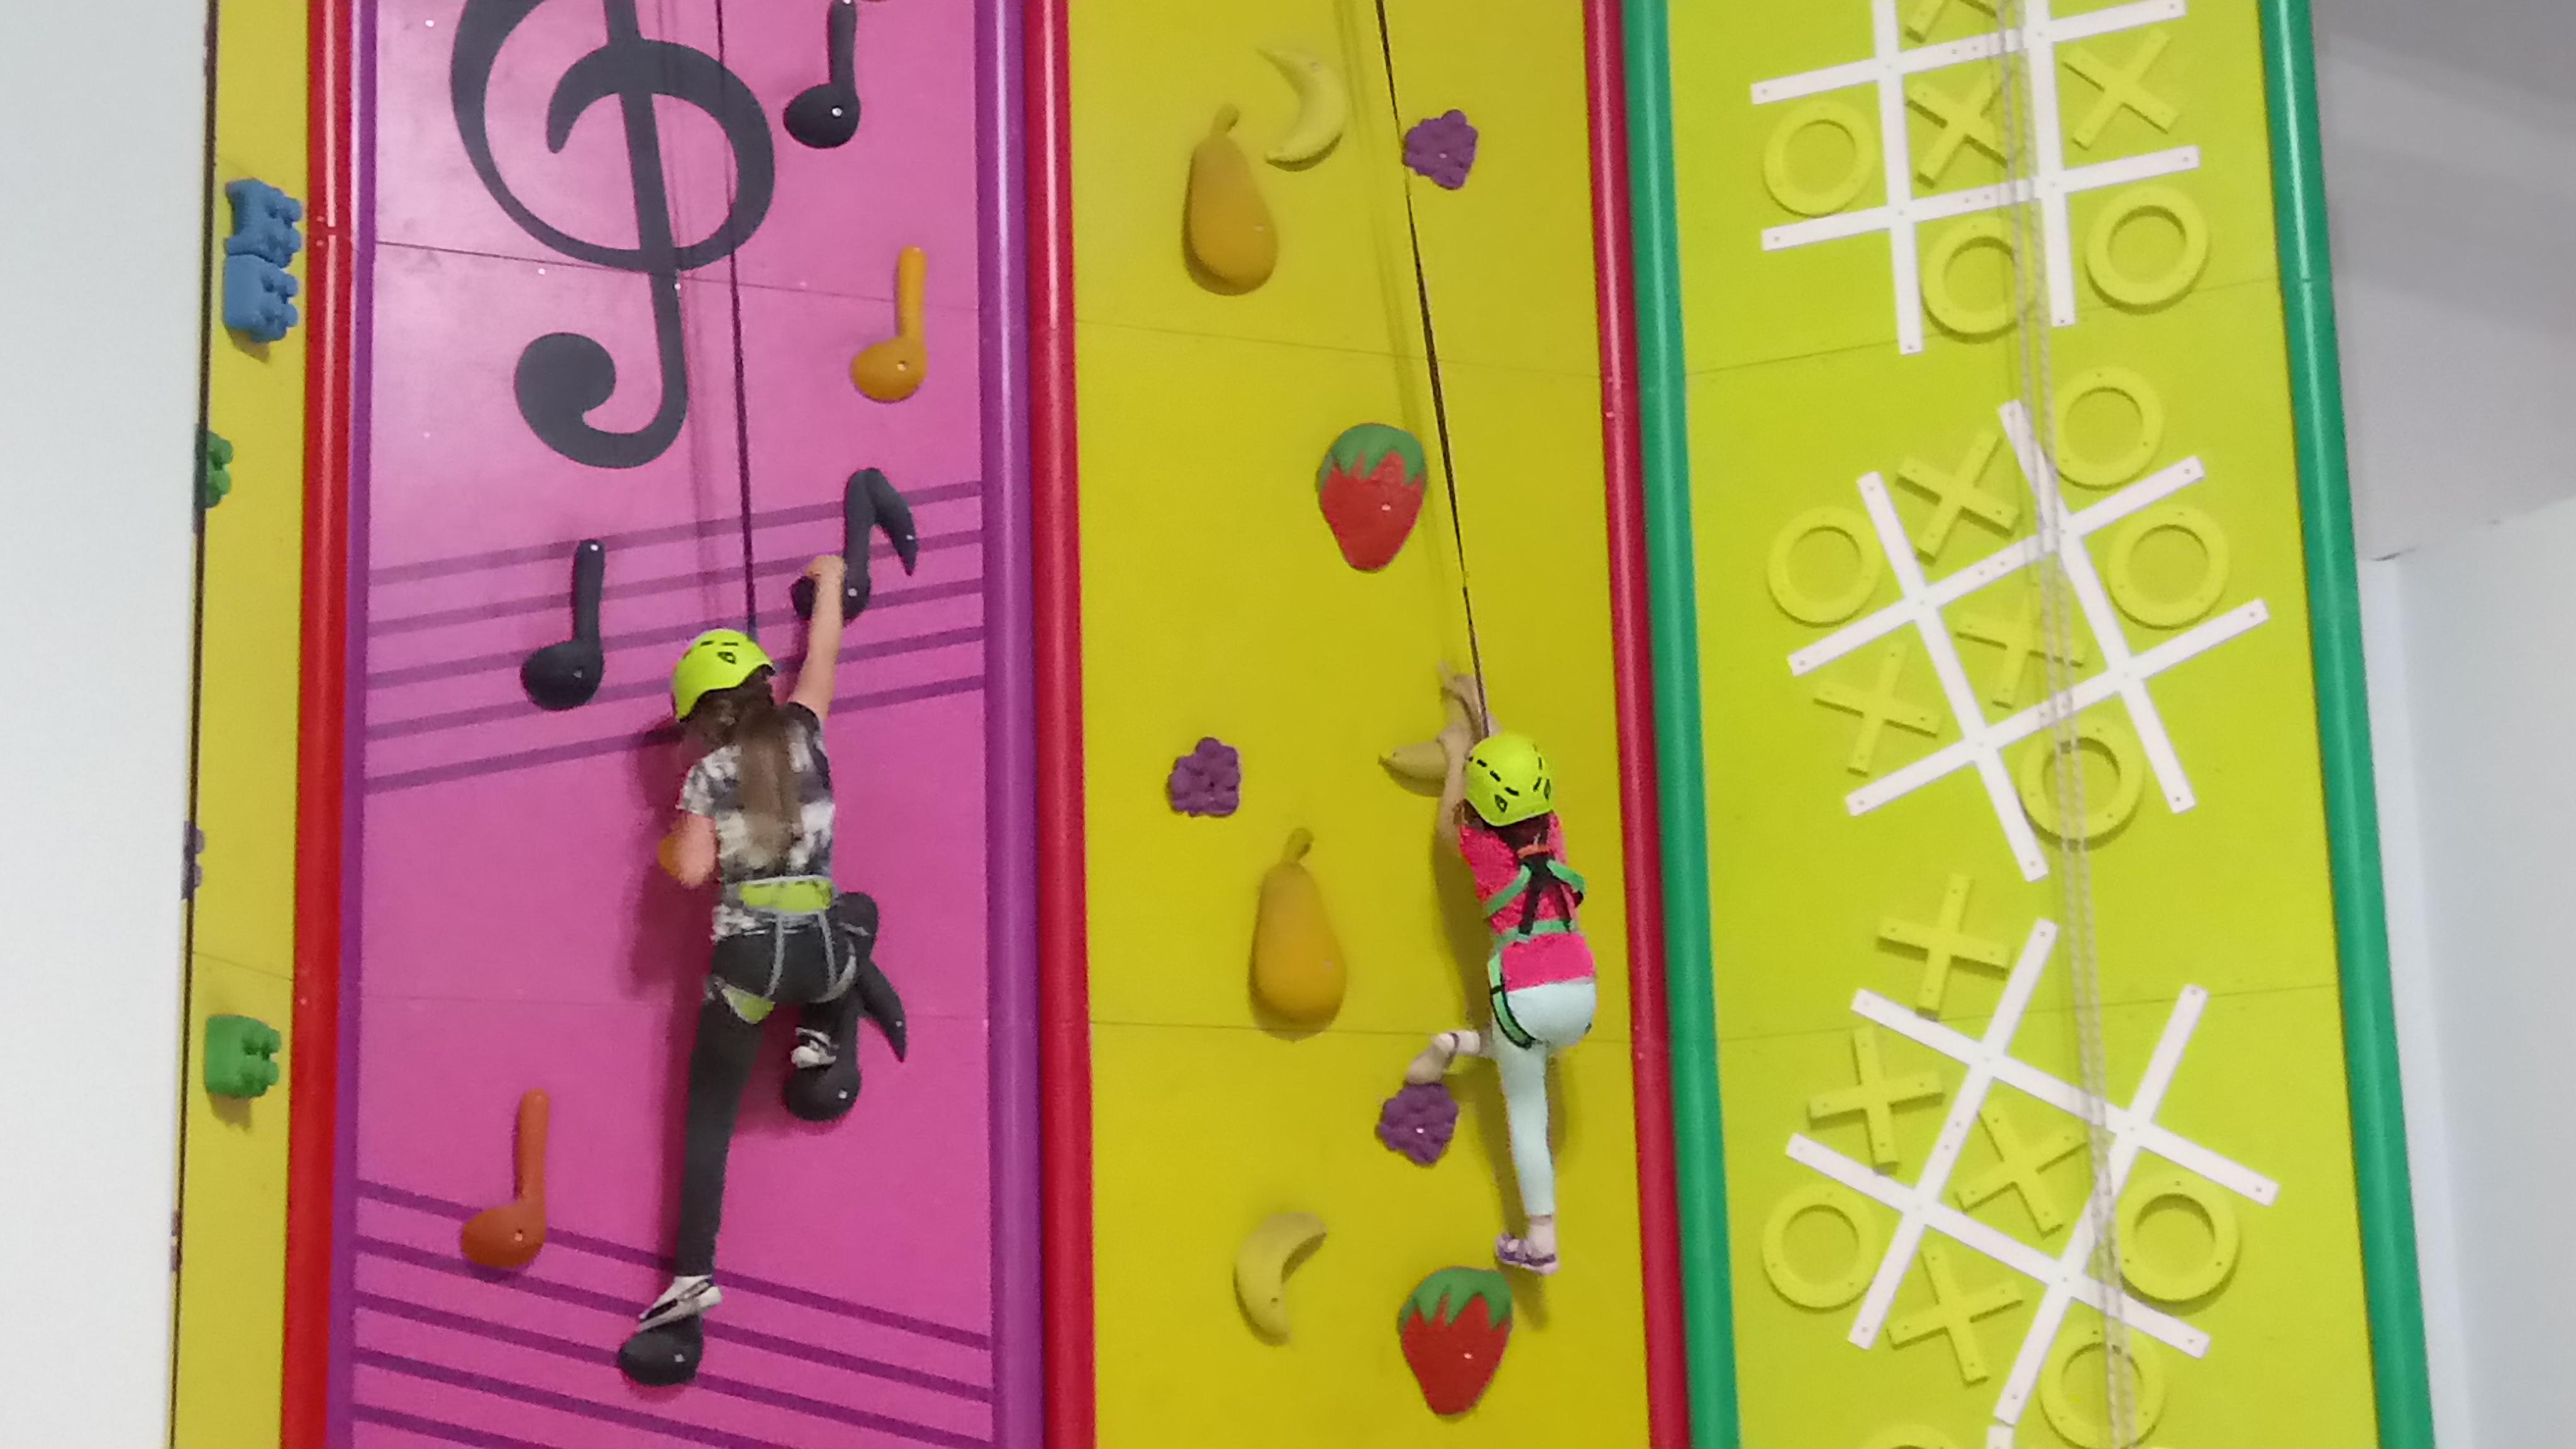 dwie dziewczynki wspinają się po kolorowych ściankach wspinaczkowych